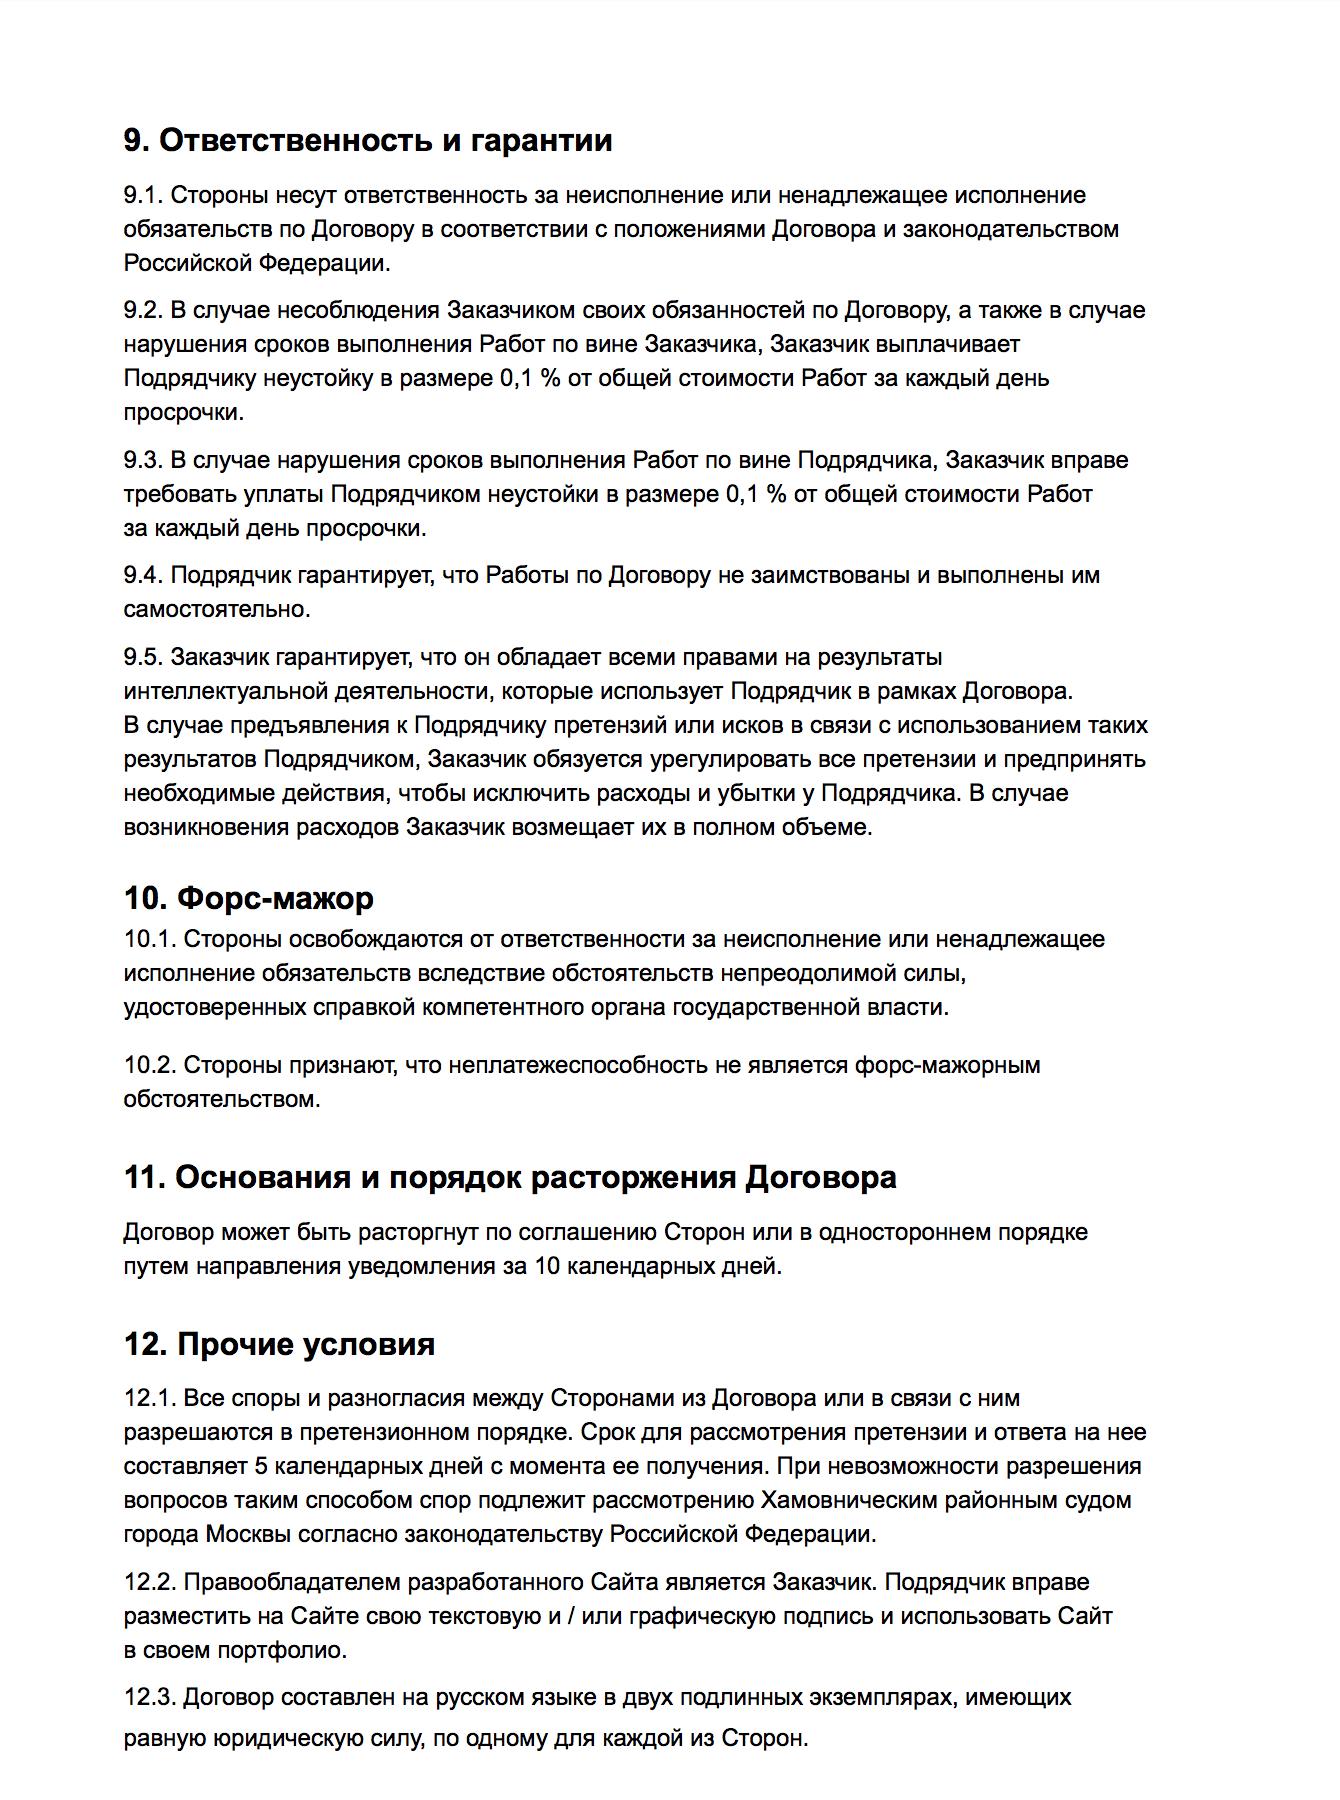 Образец заполненного договора подряда